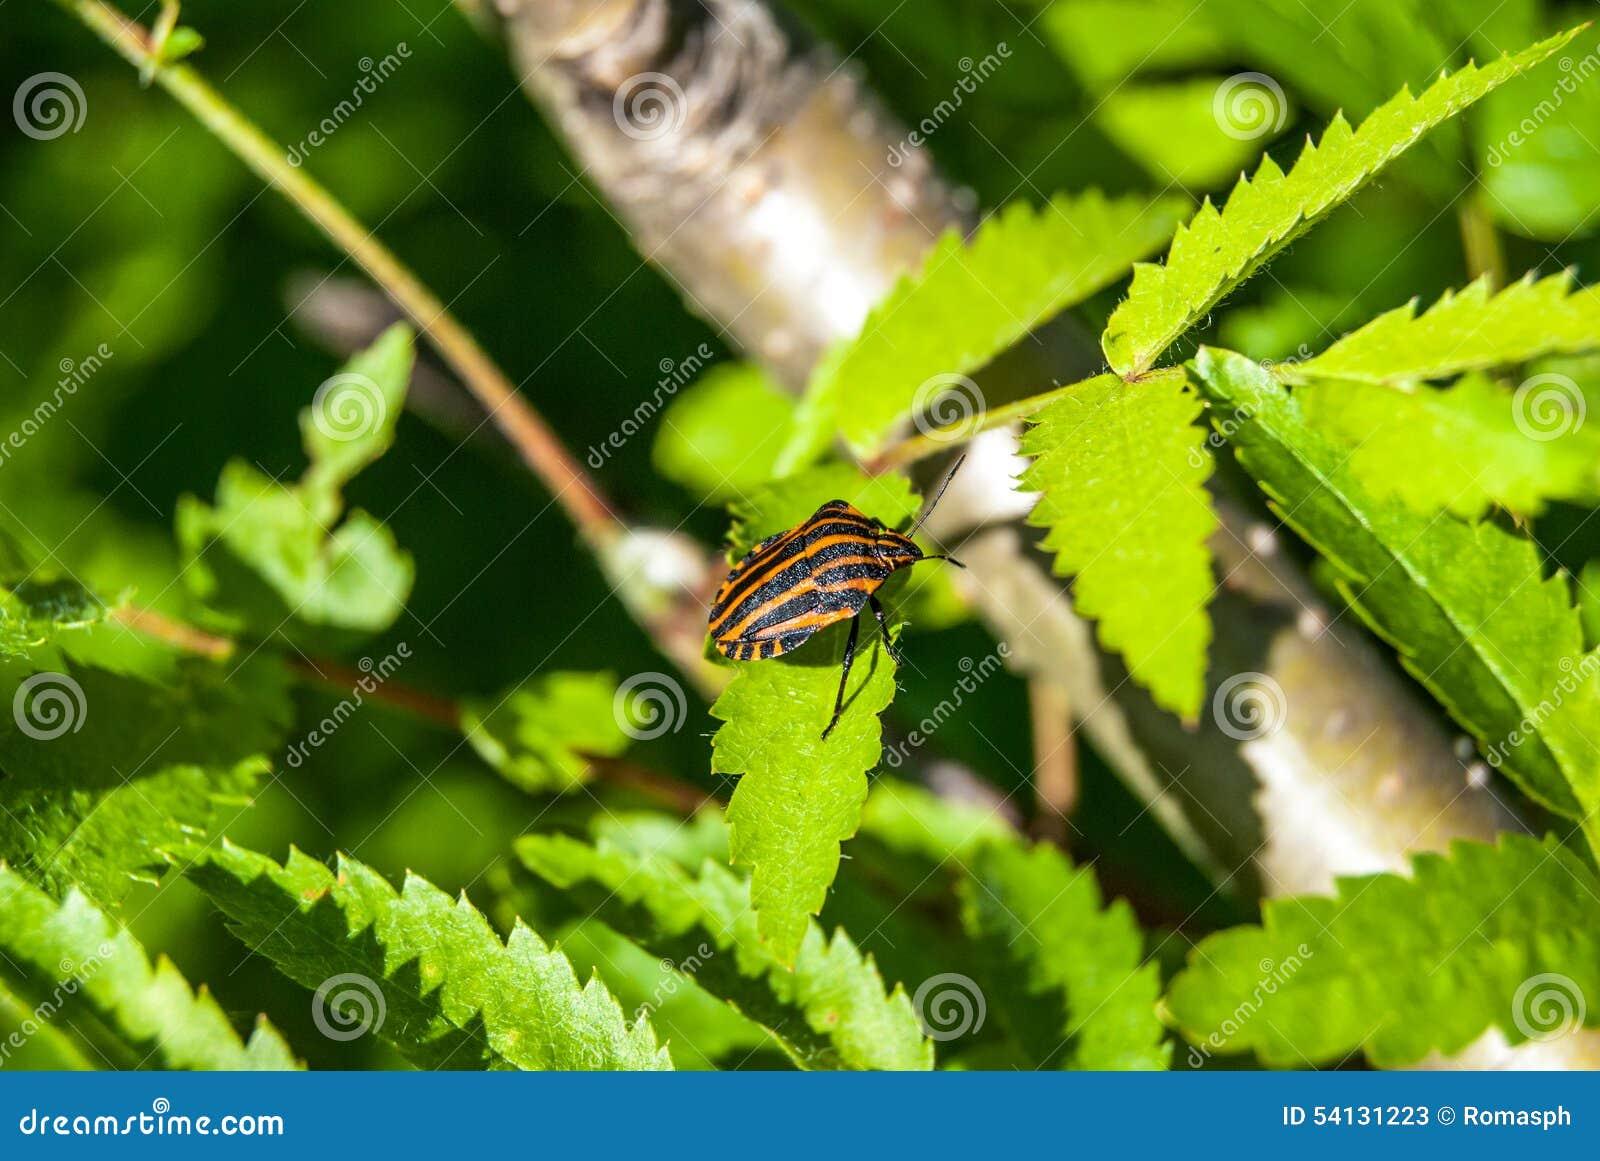 Bedbug On Flower Stock Image Image Of Beetle Animal 54131223